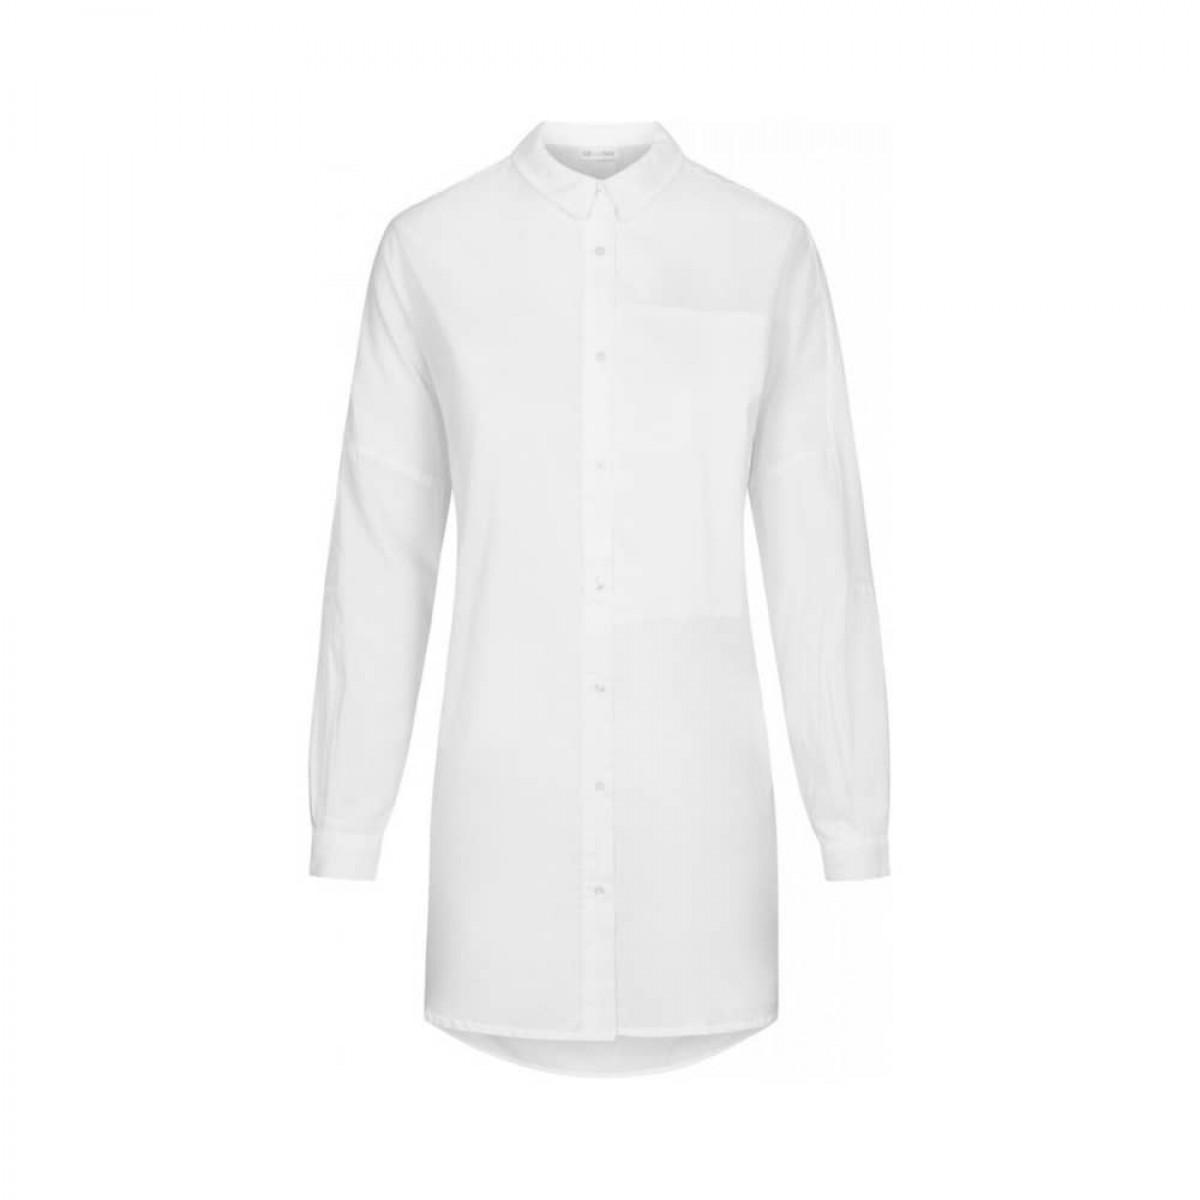 annie skjorte - white - front